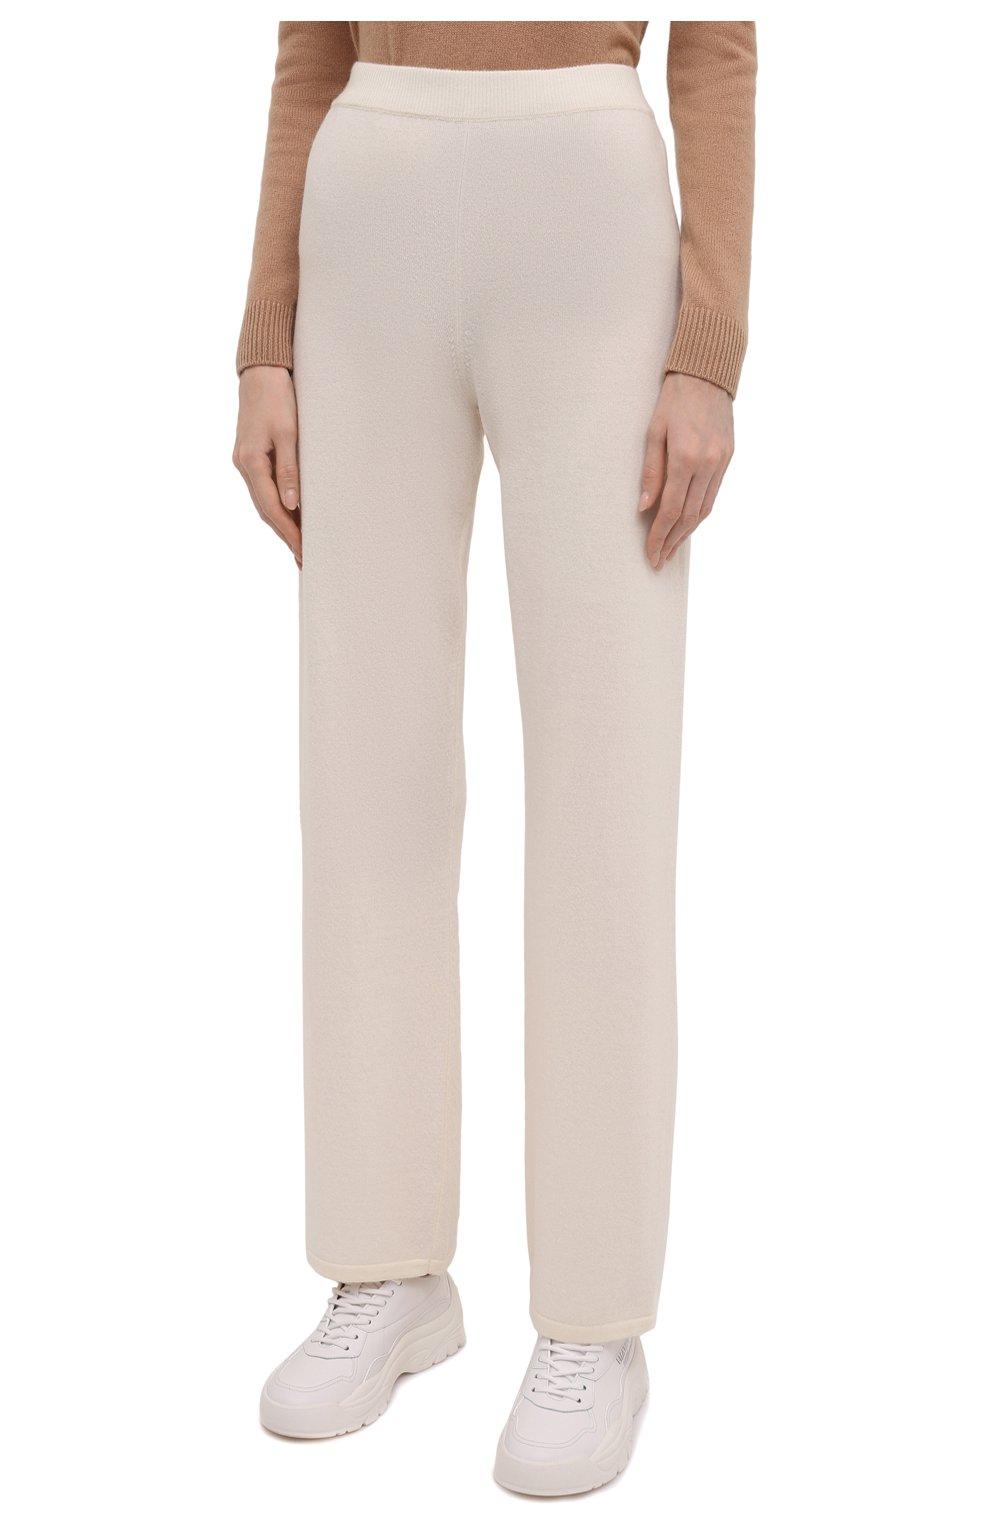 Женские брюки из шерсти и кашемира MANZONI24 кремвого цвета, арт. 21M363-X/38-46 | Фото 3 (Материал внешний: Шерсть, Кашемир; Длина (брюки, джинсы): Стандартные; Женское Кросс-КТ: Брюки-одежда; Силуэт Ж (брюки и джинсы): Прямые; Стили: Спорт-шик)